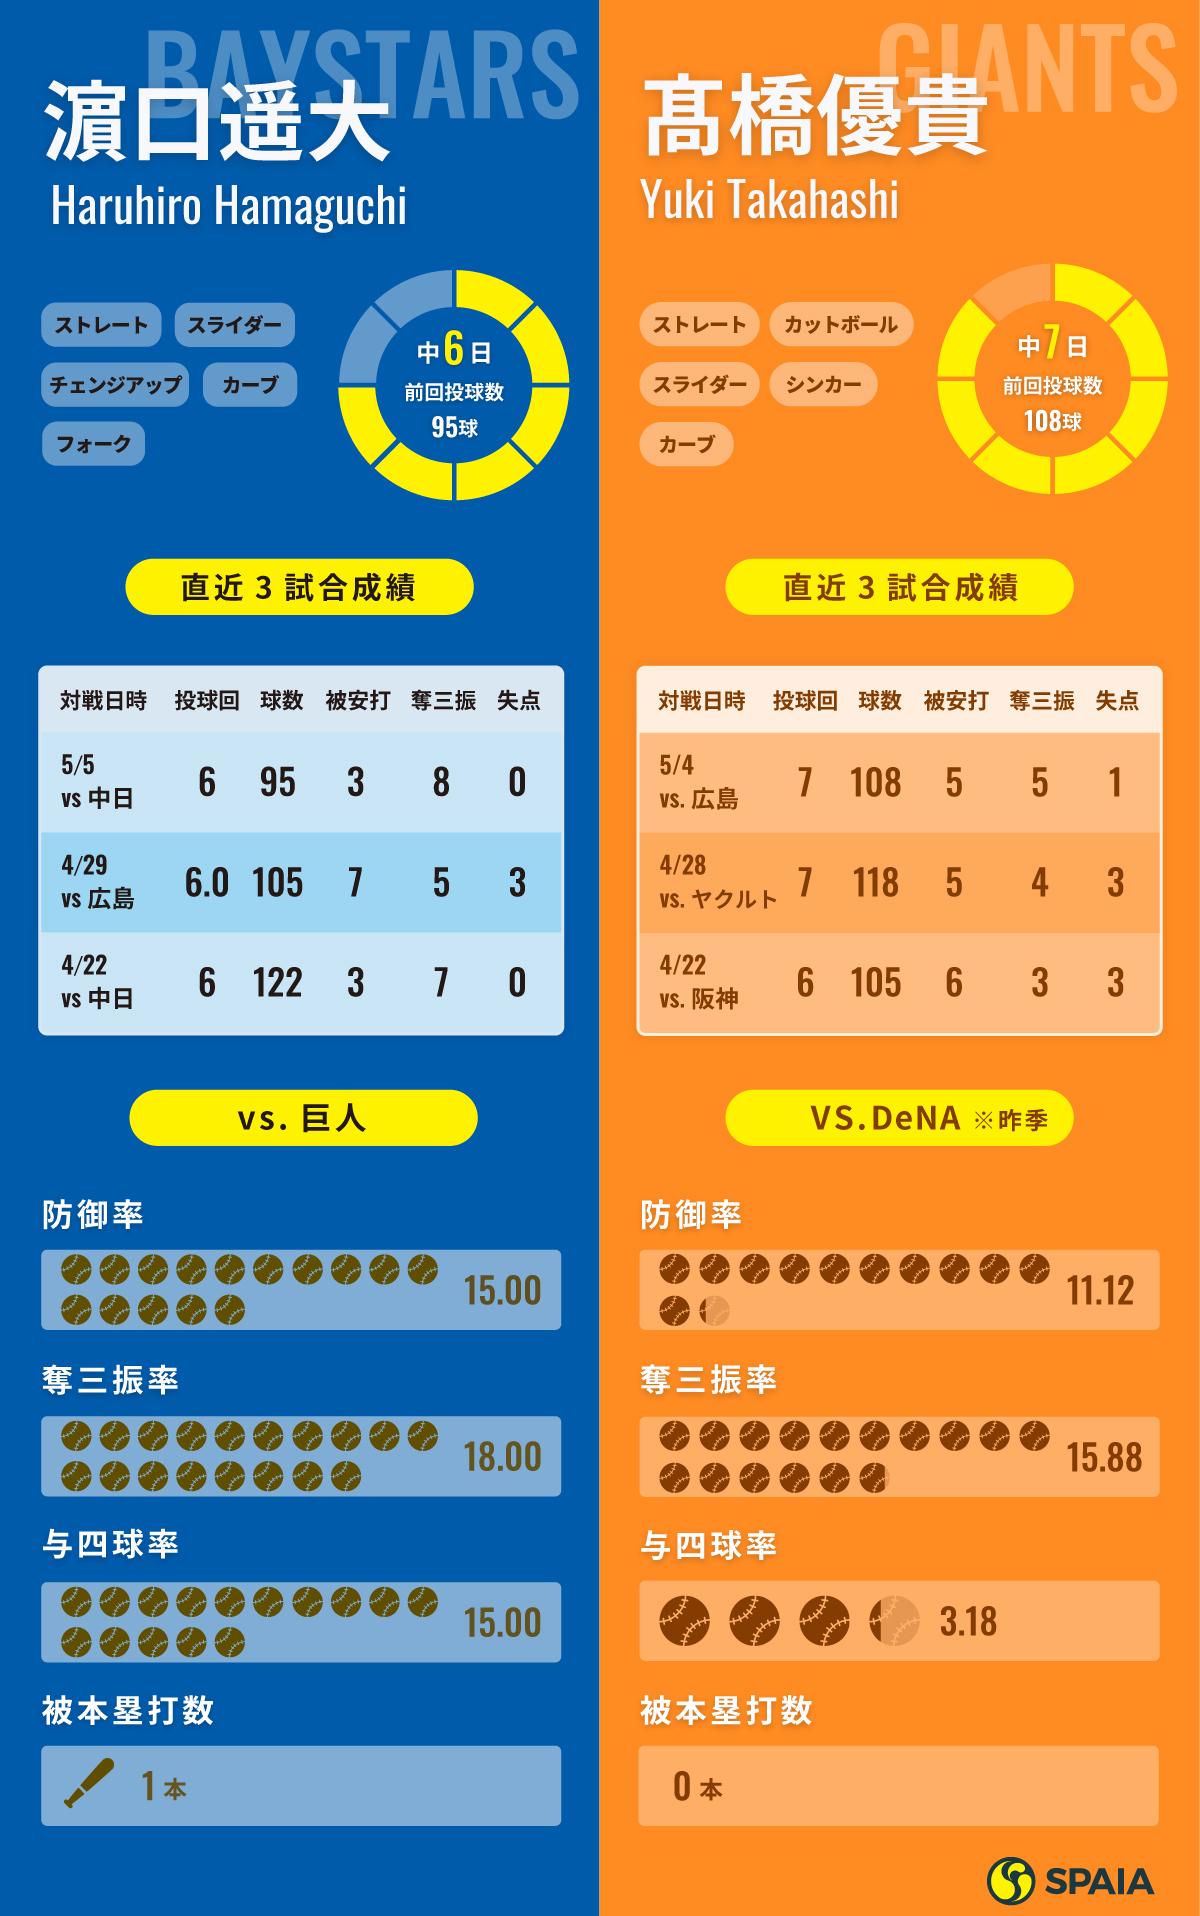 5月12日予告先発インフォグラフィック